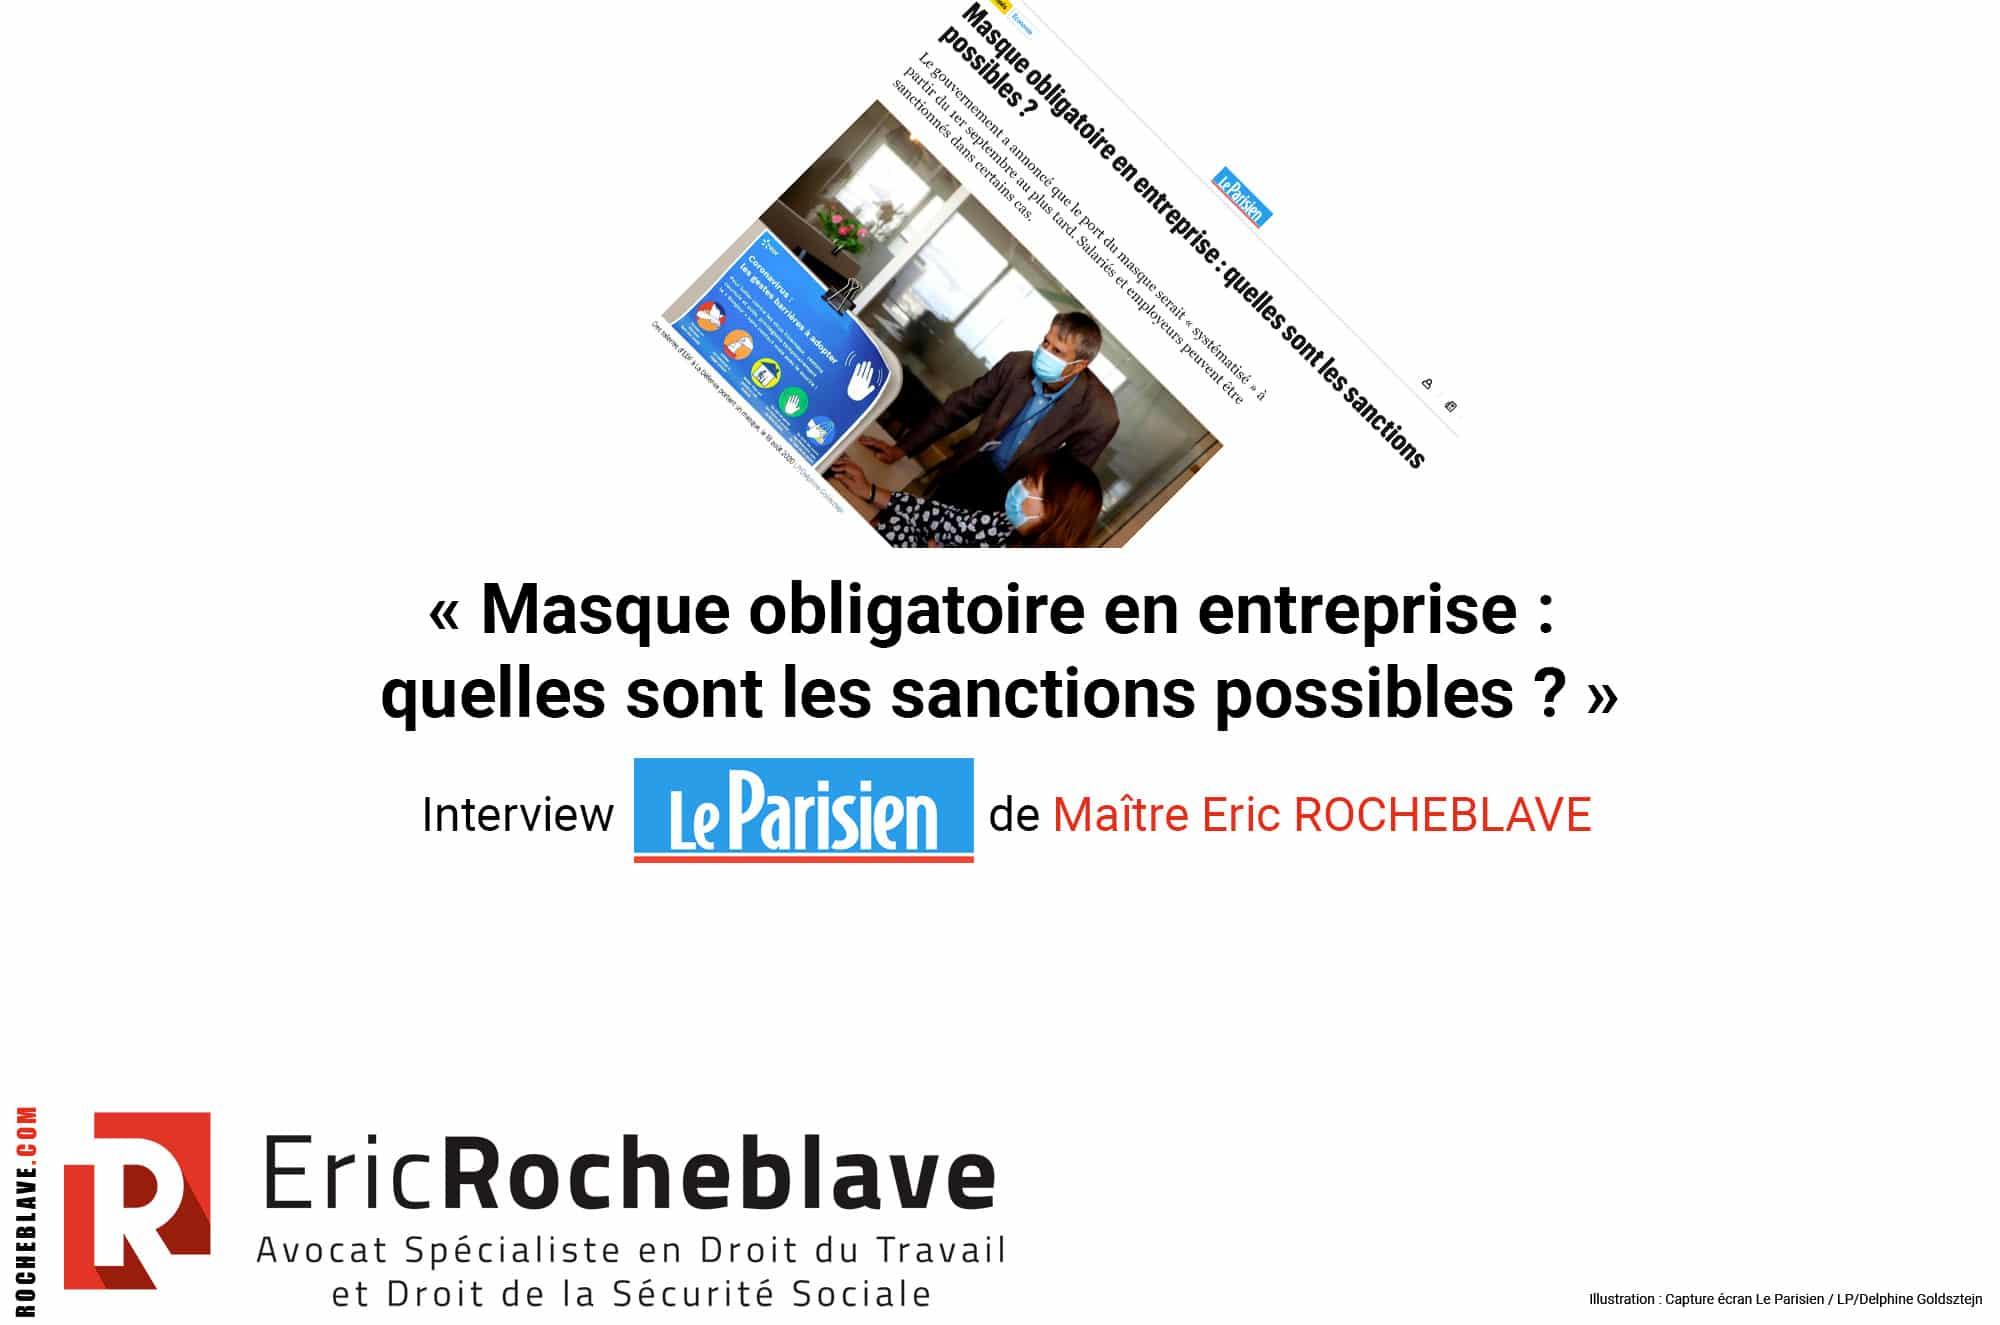 « Masque obligatoire en entreprise : quelles sont les sanctions possibles ? » Interview Le Parisien de Maître Eric ROCHEBLAVE